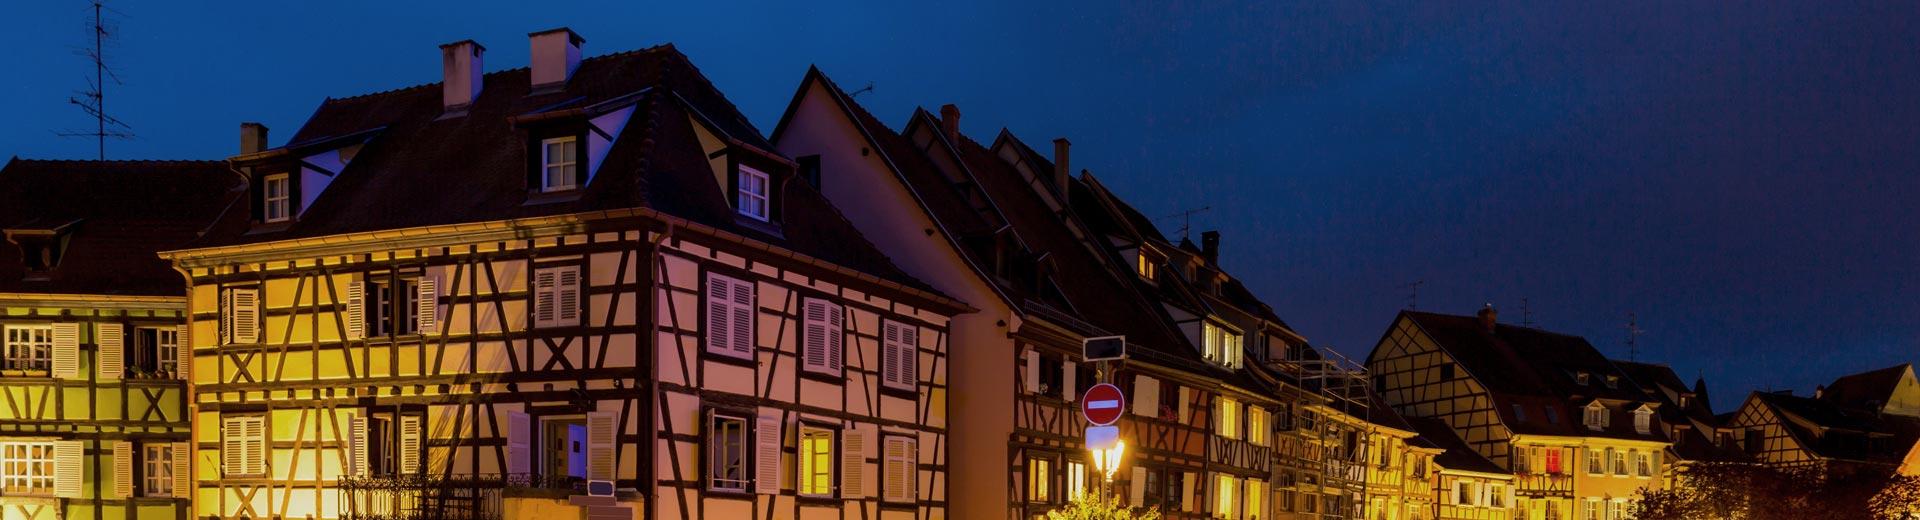 Städtereise Colmar